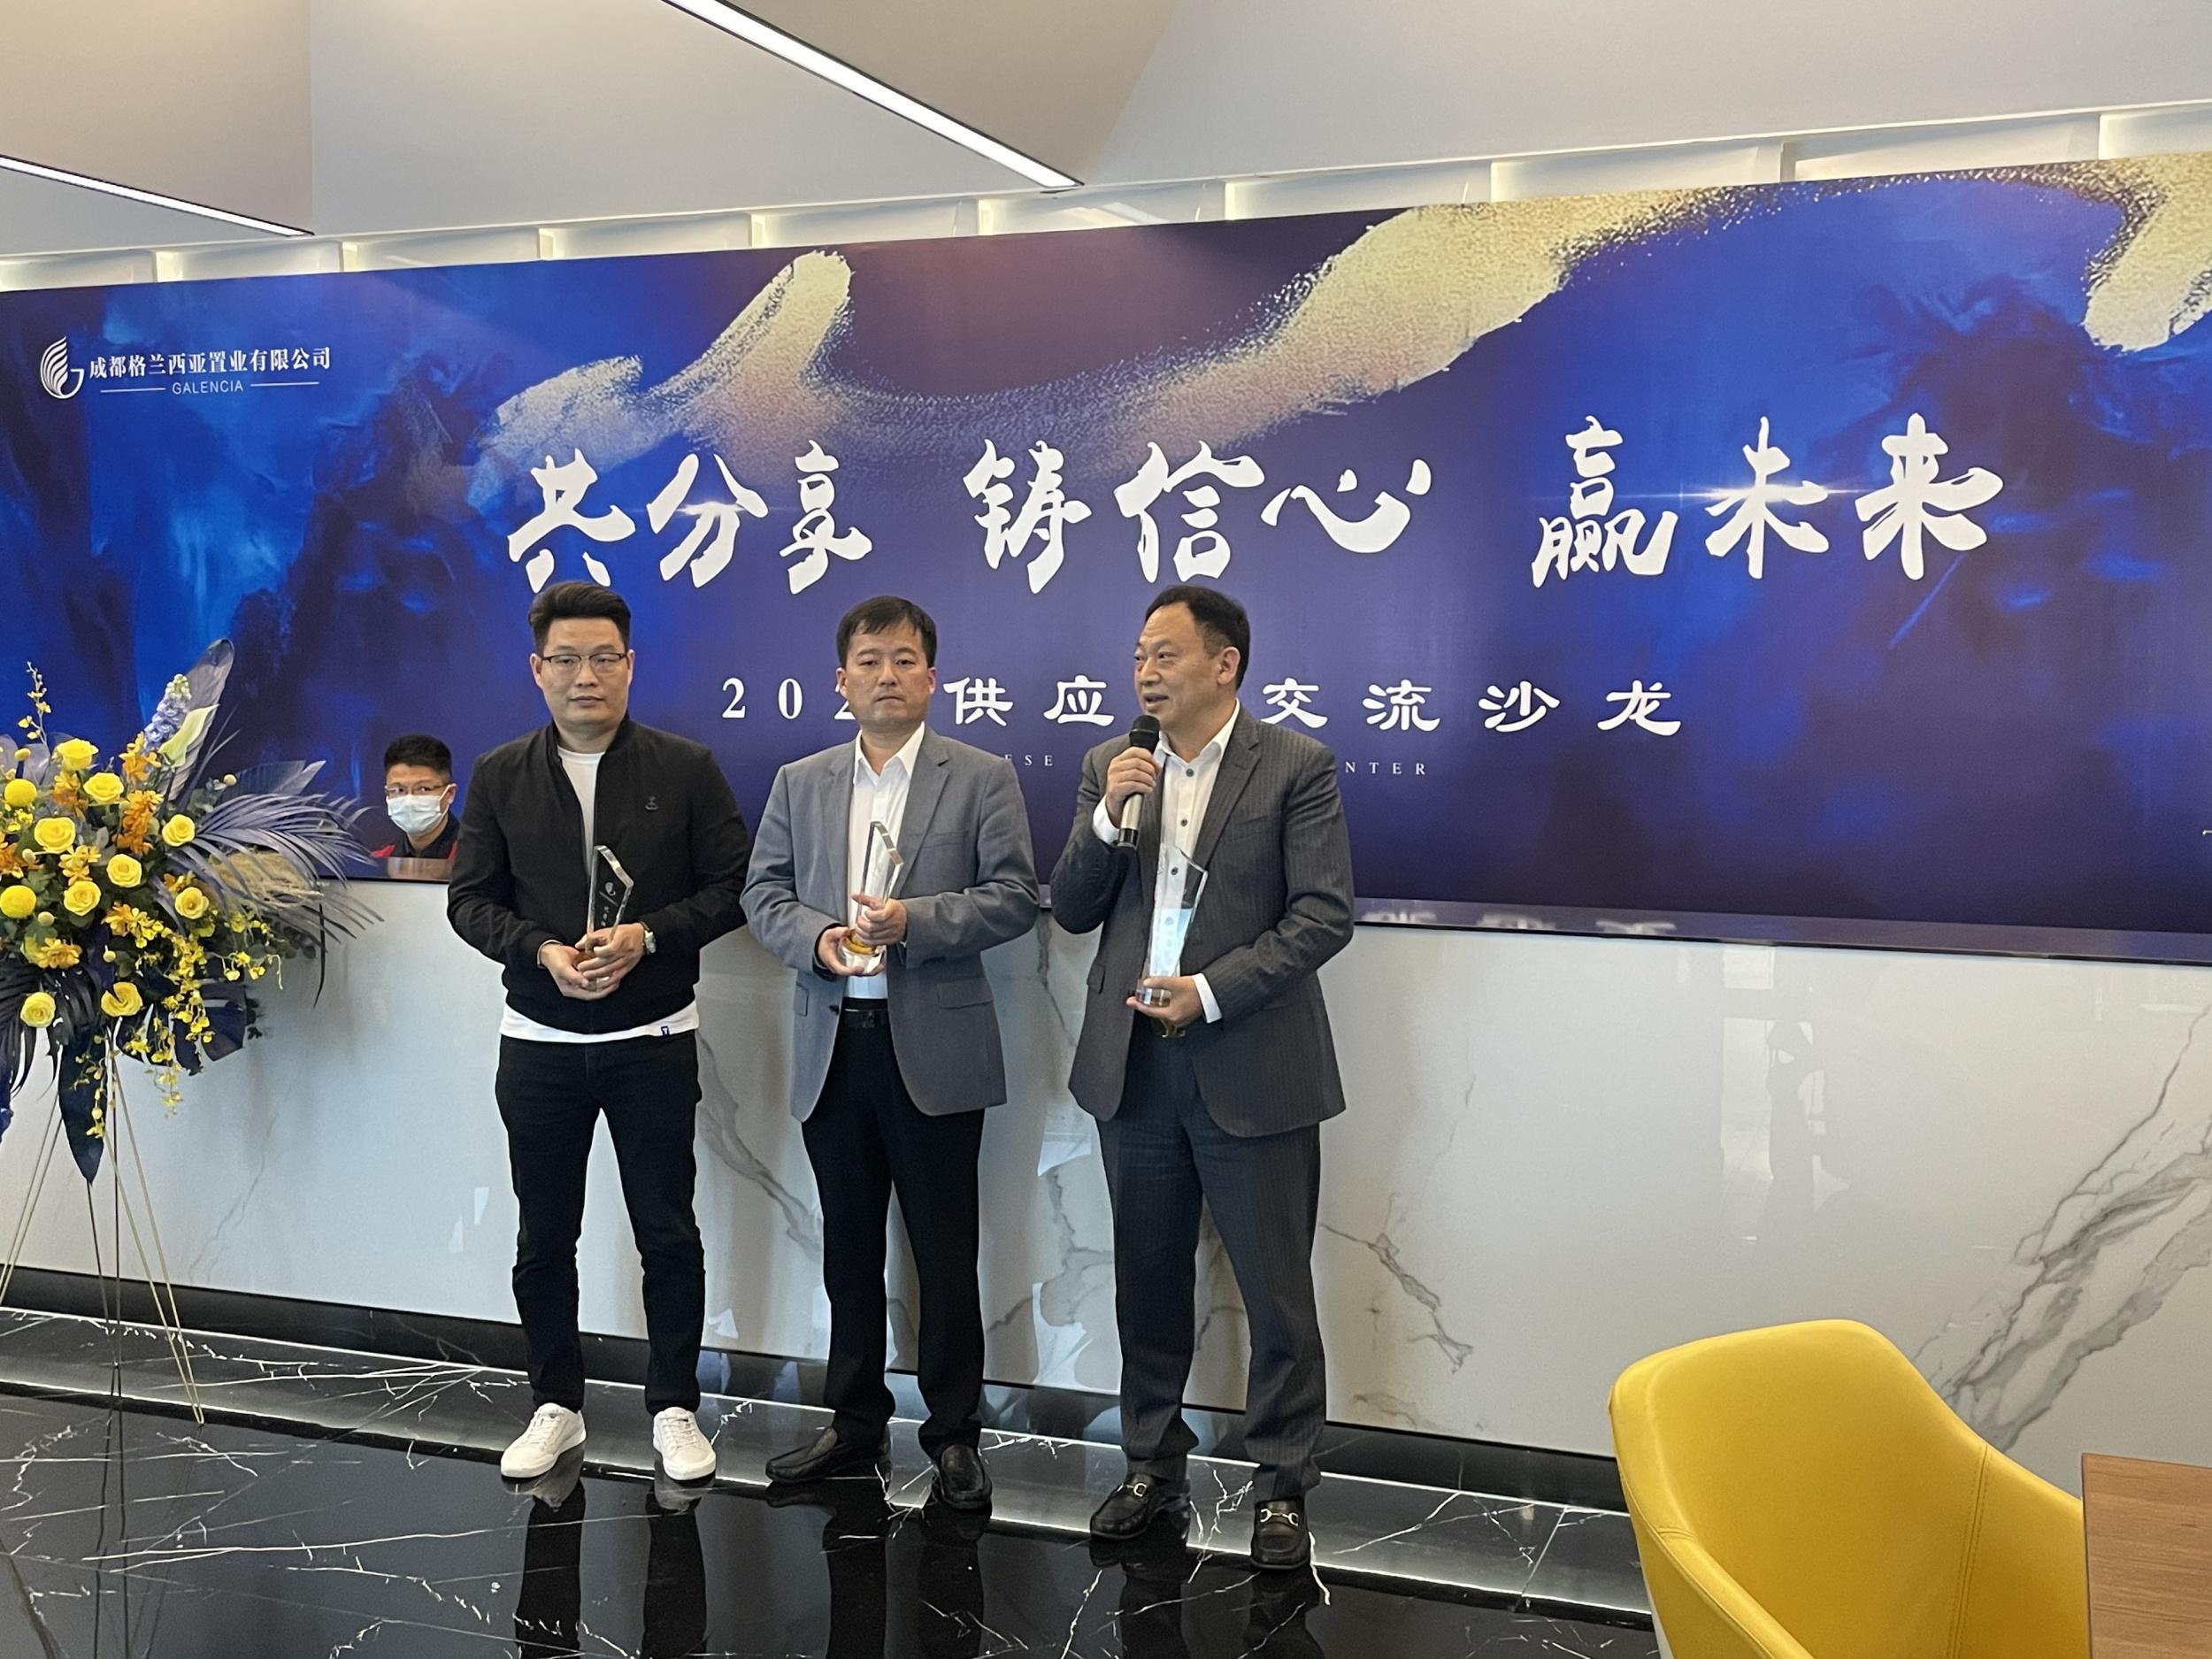 优秀供应商—2021年新安消防荣获中国华商金融中心优秀供应商荣誉